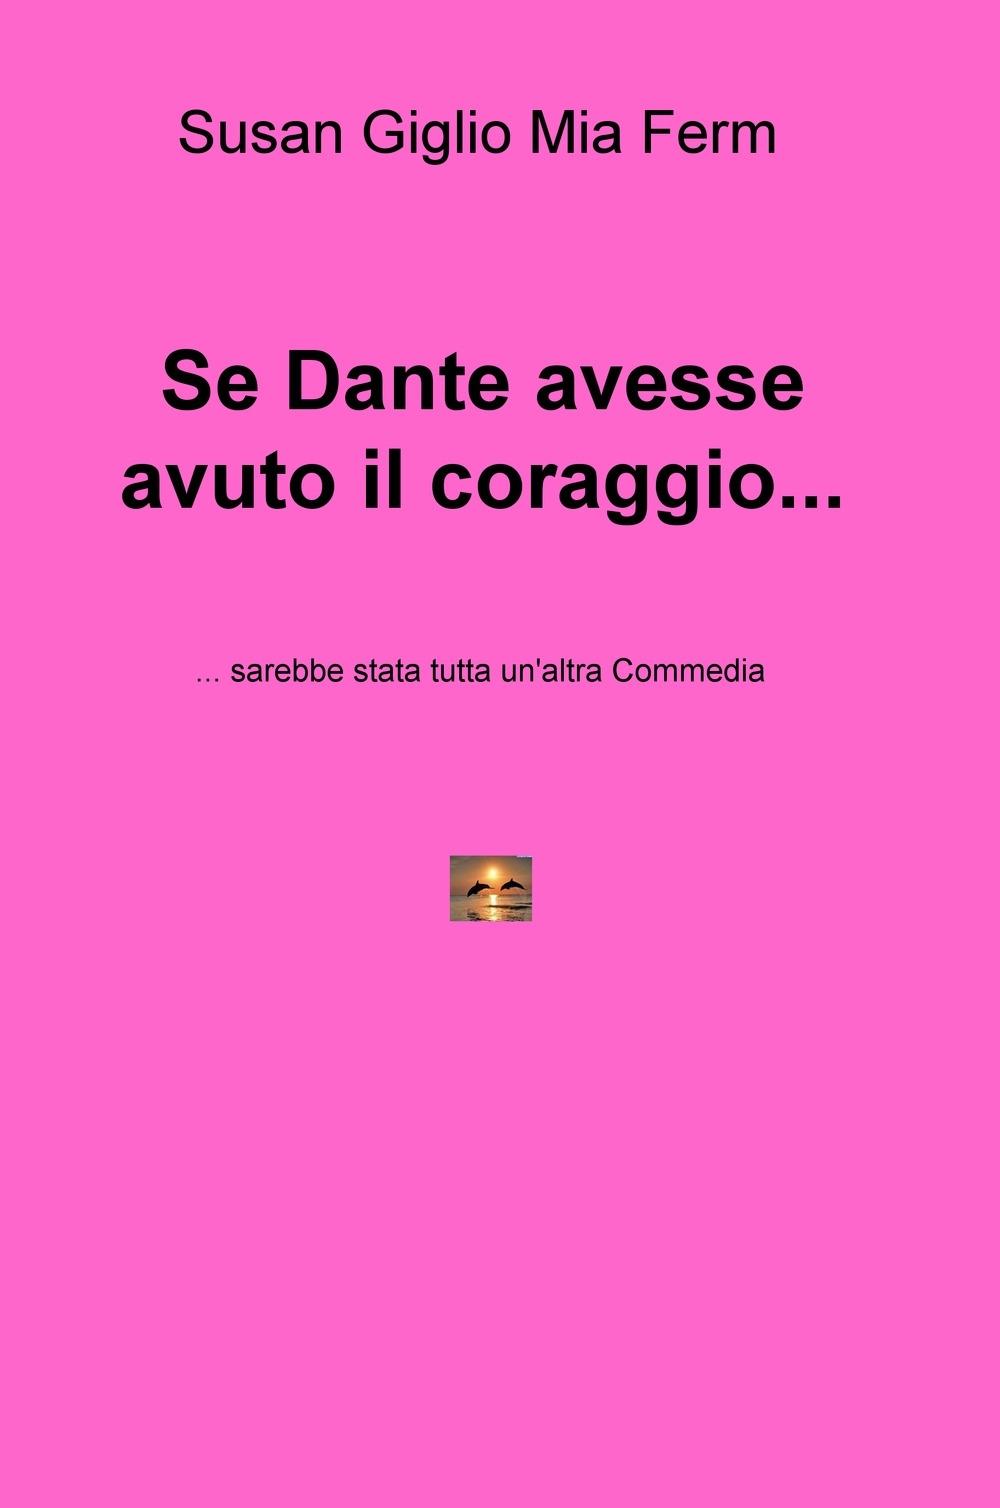 Se Dante avesse avuto il coraggio... sarebbe stata tutta un'altra Commedia